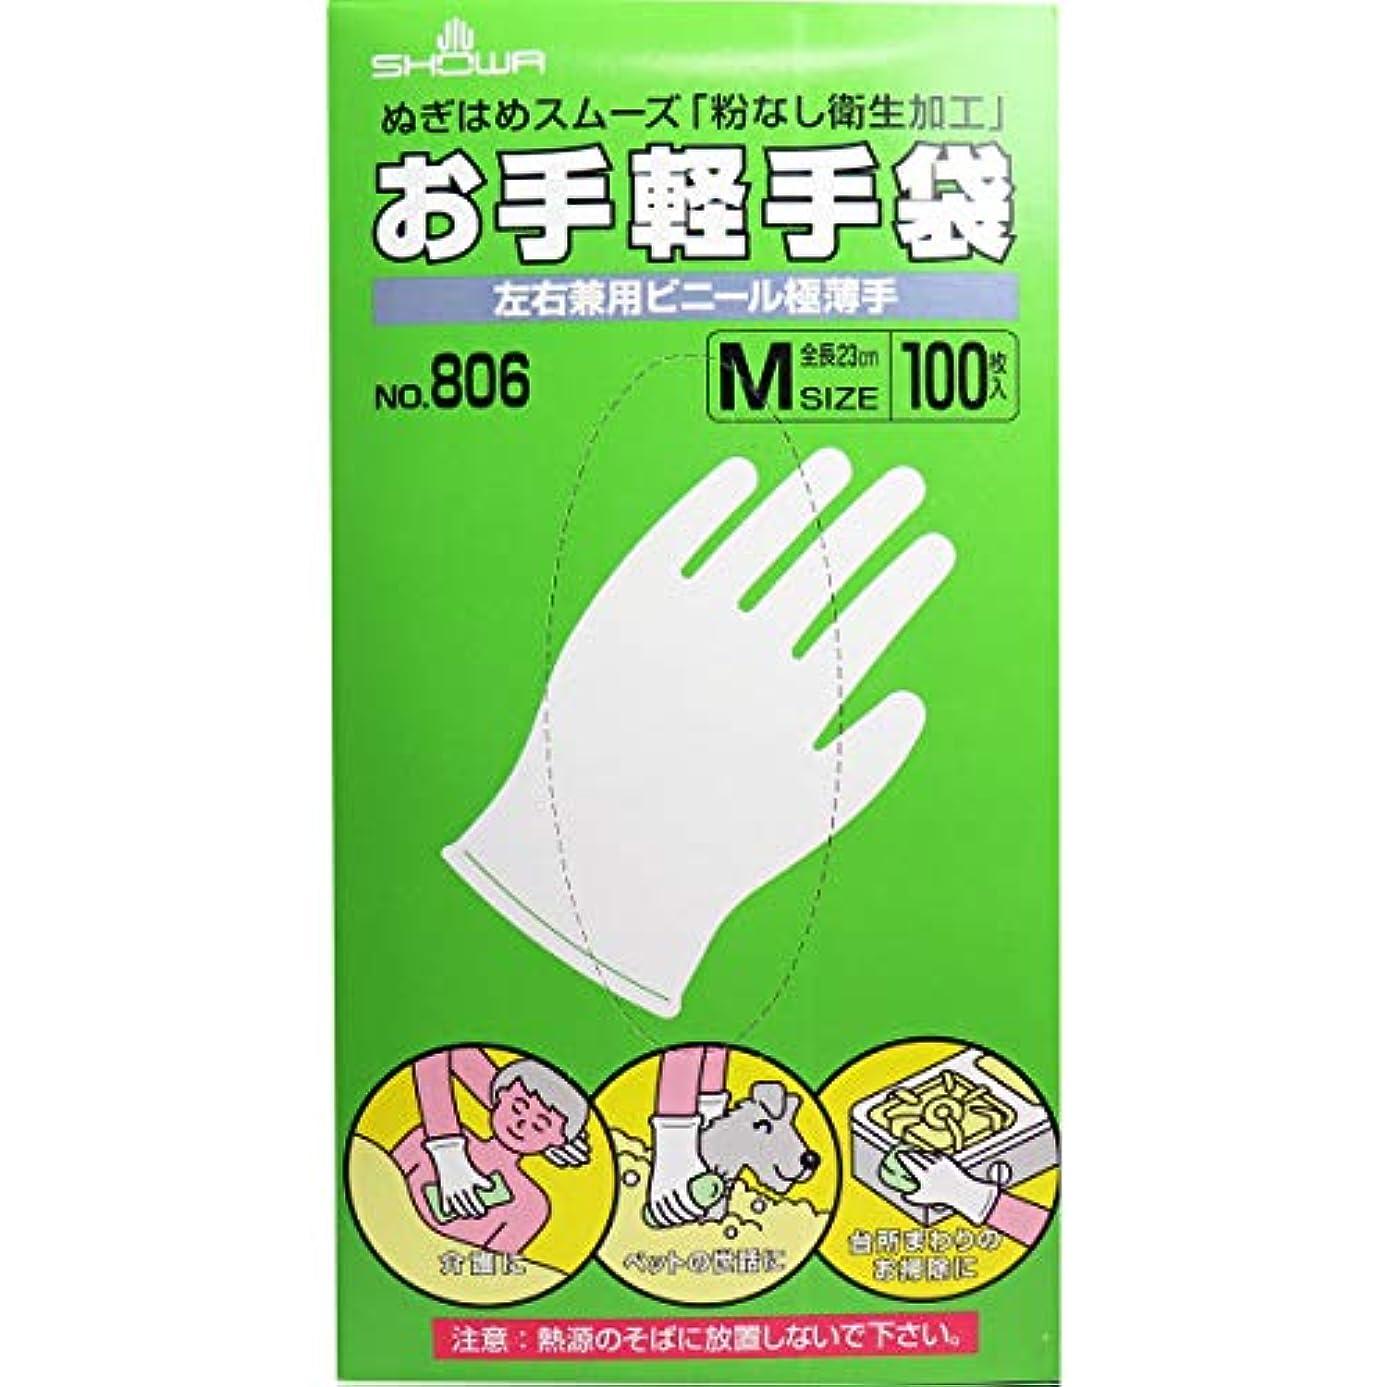 散歩に行く蒸日焼けお手軽手袋 No.806 左右兼用ビニール極薄手 粉なし Mサイズ 100枚入×10個セット